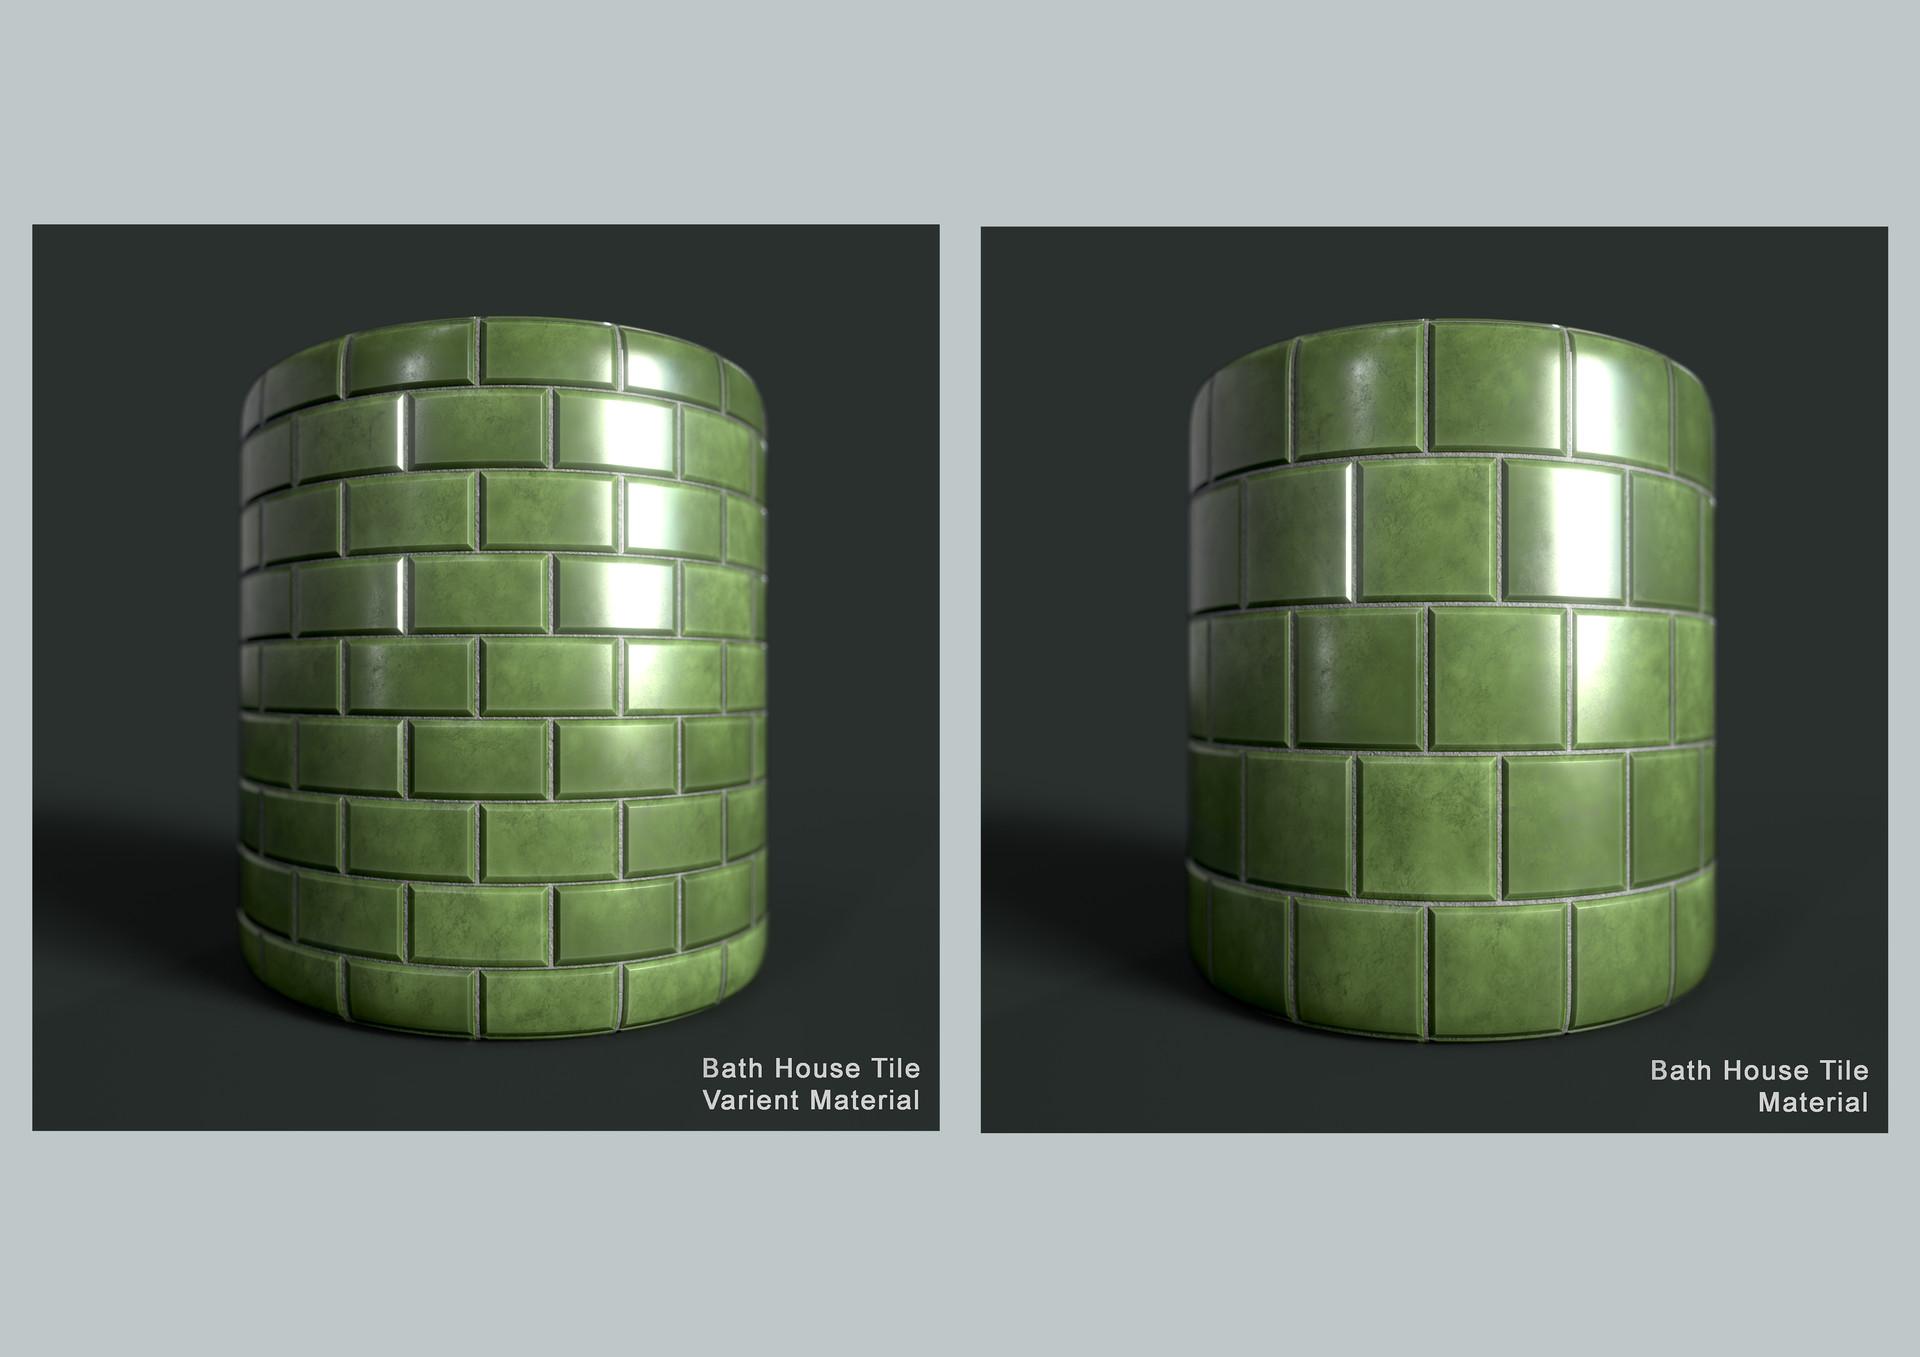 Victoria goldsmith bath tile material